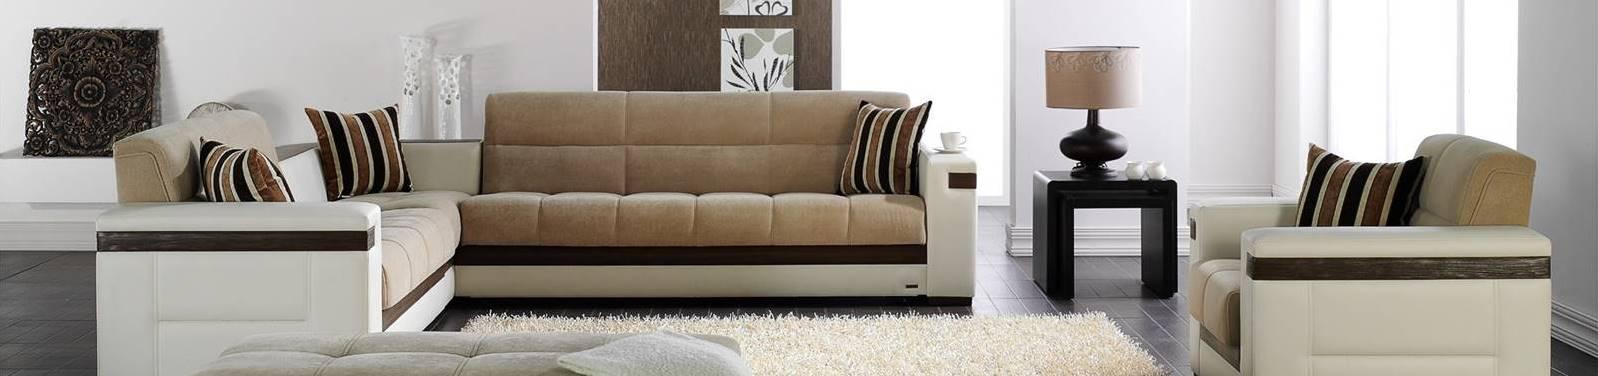 Qui vend les plus beaux meubles ?